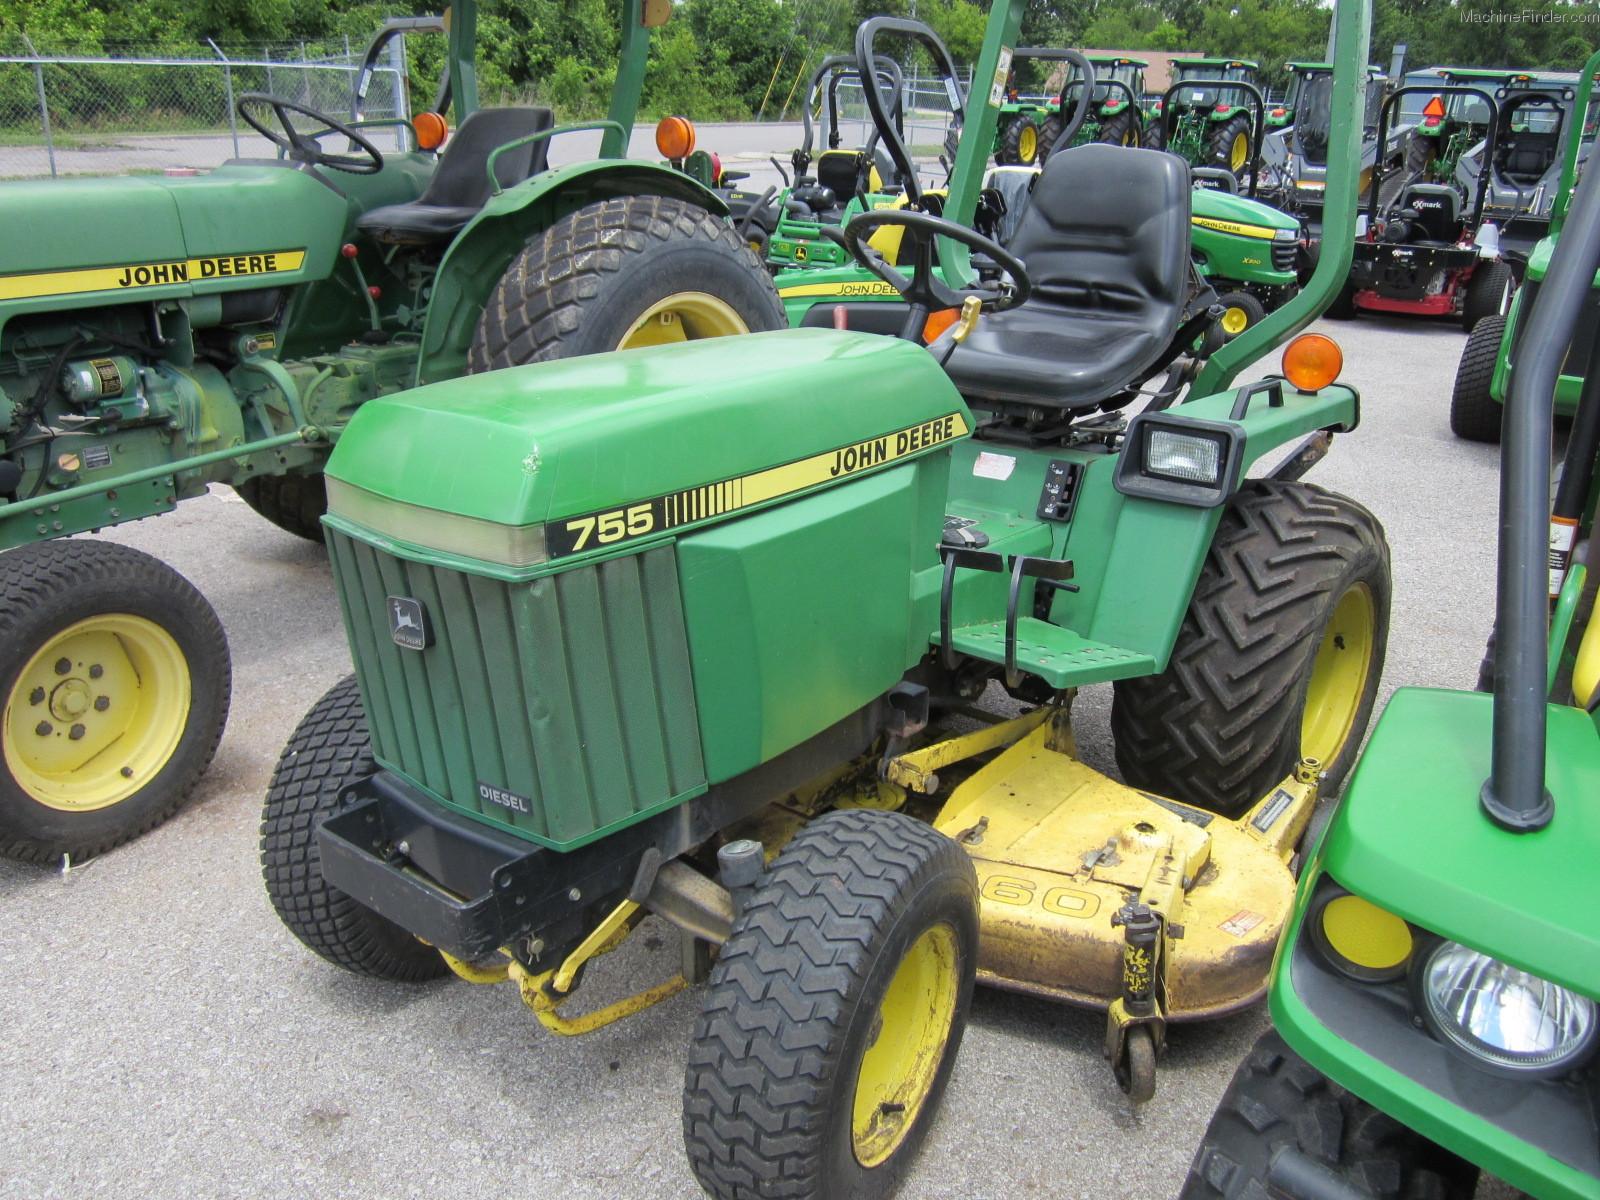 1992 john deere 755 tractors compact 1 40hp john. Black Bedroom Furniture Sets. Home Design Ideas